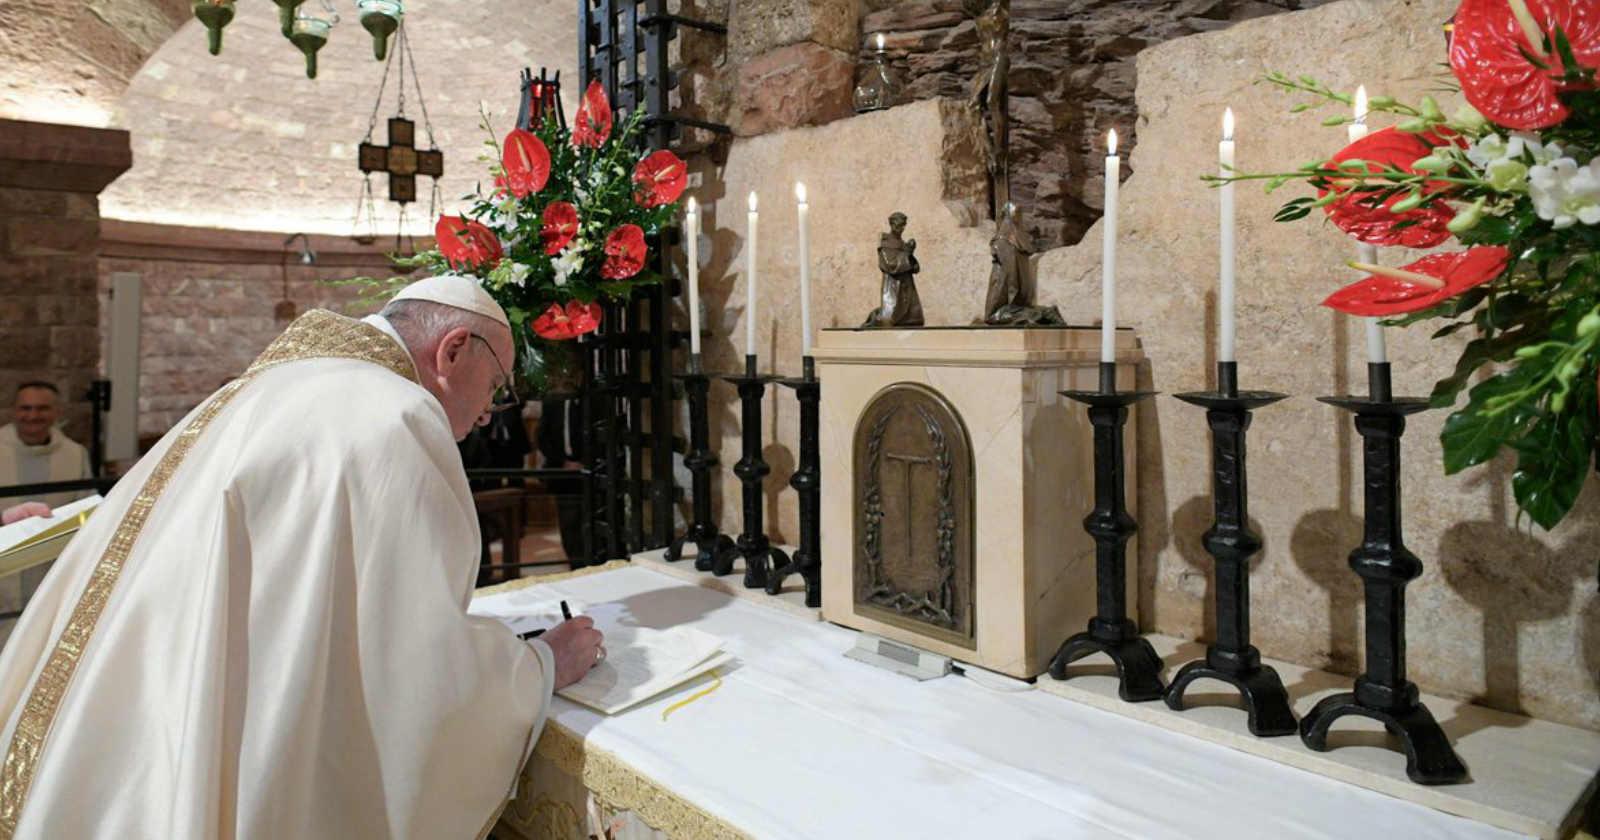 Vaticano confirmó caso de coronavirus en residencia del Papa Francisco